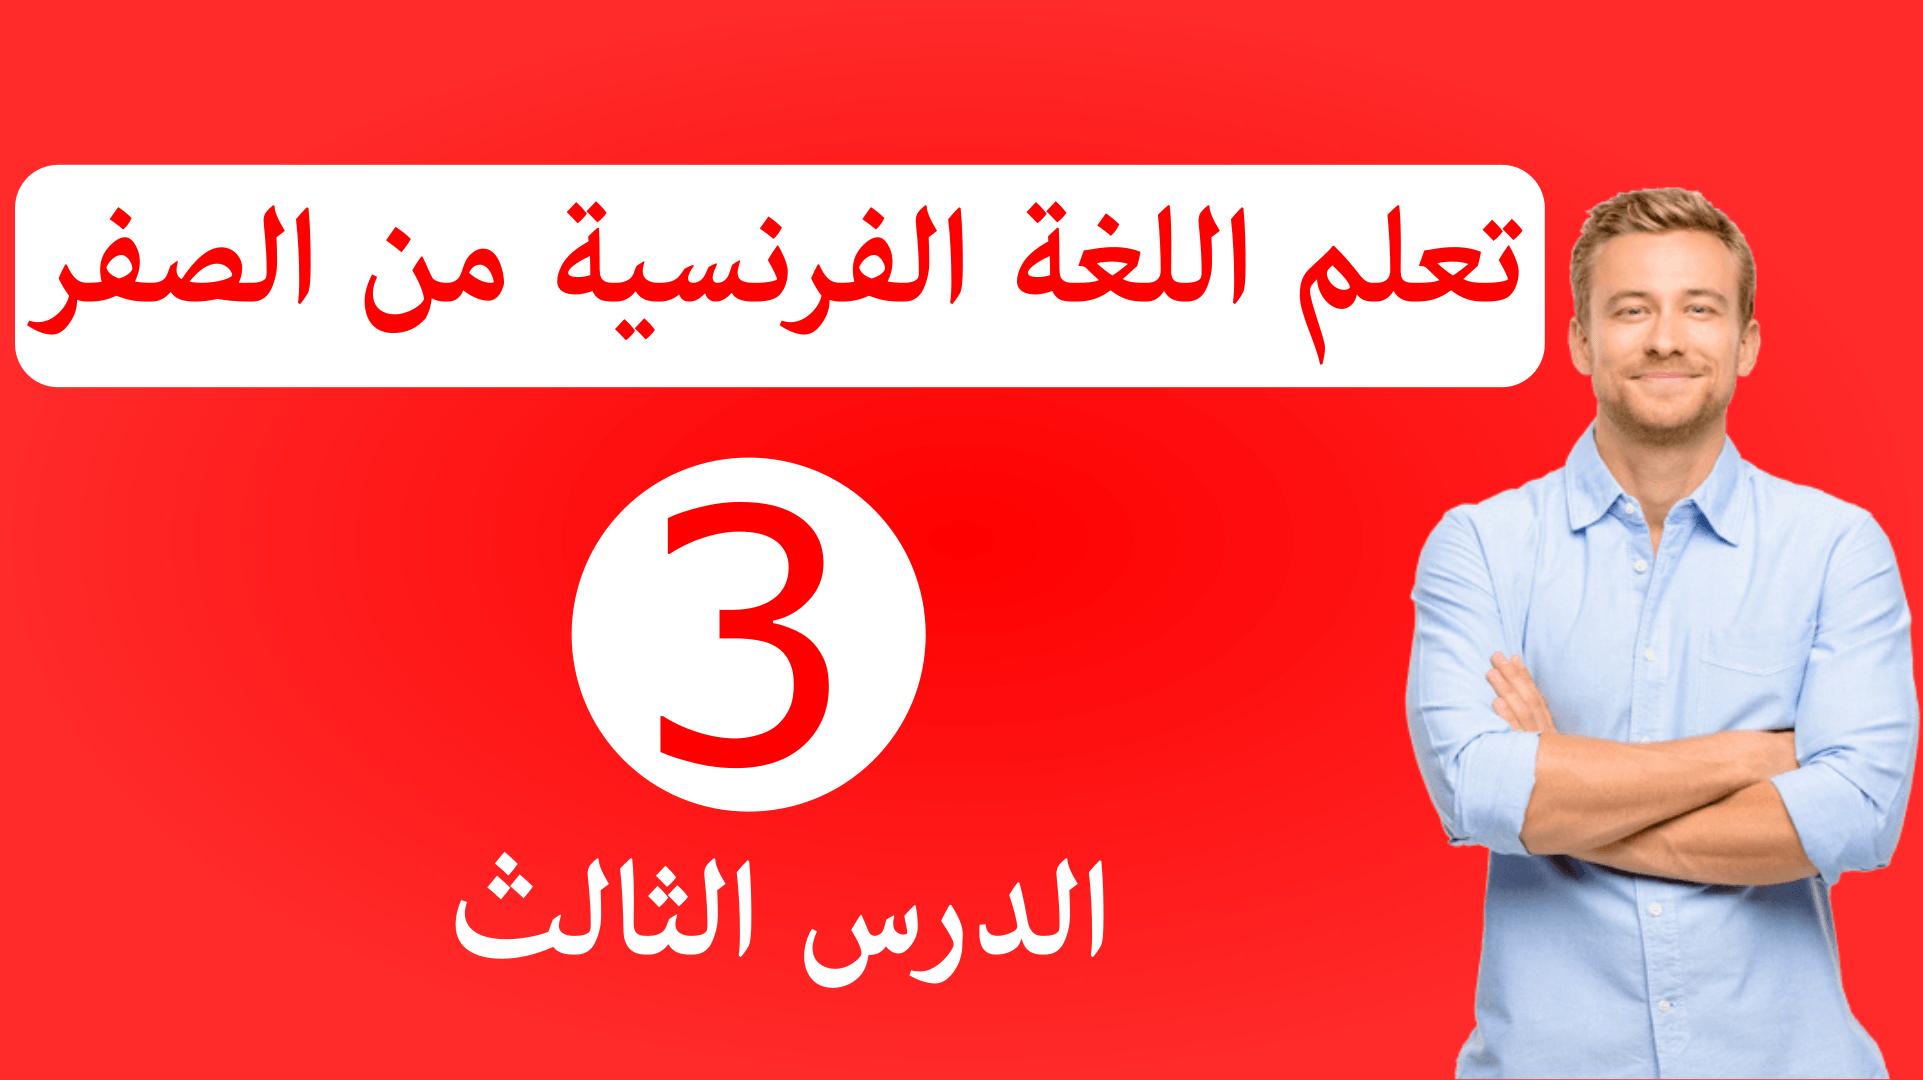 تعلم اللغة الفرنسية للمبتدئين بالعربية الدرس الثالث